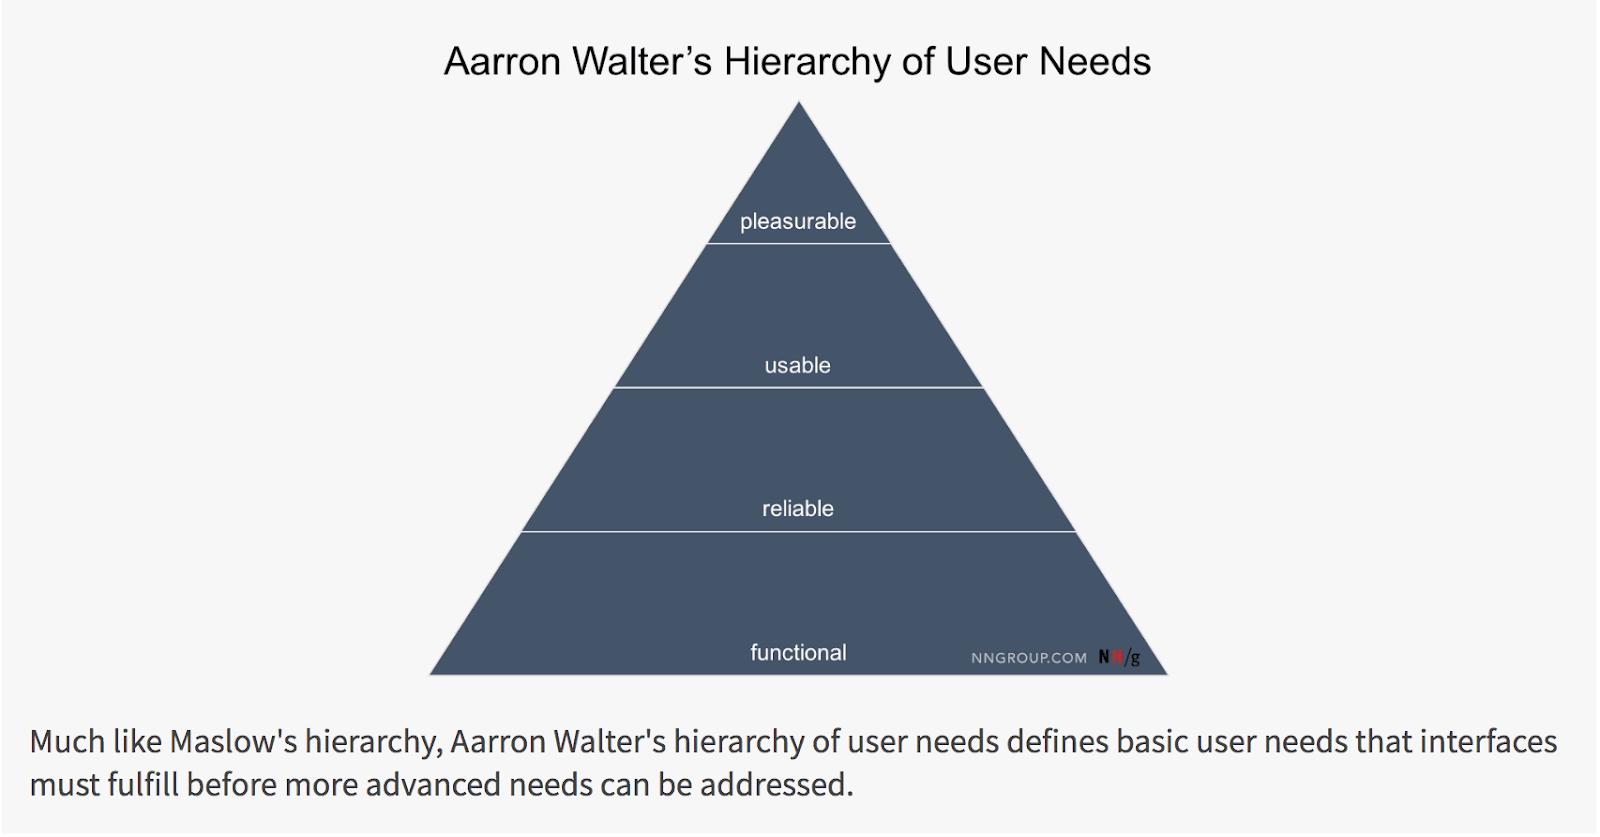 Aarron Walter's Hierarchy of User Needs